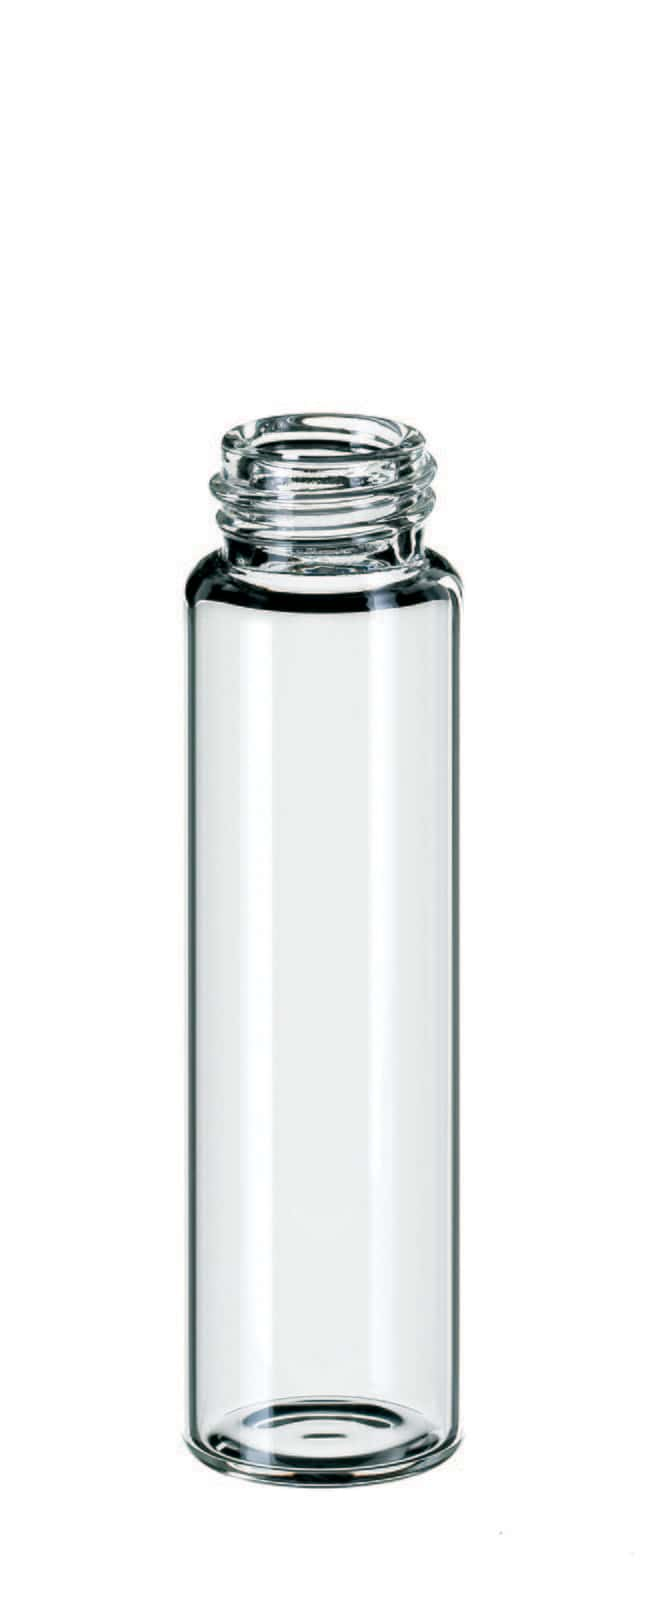 Fisherbrand™Fläschchen mit Gewindehals, 15-425-Gewinde, Glas, transparent 66ml; 12mm Höhe Fisherbrand™Fläschchen mit Gewindehals, 15-425-Gewinde, Glas, transparent